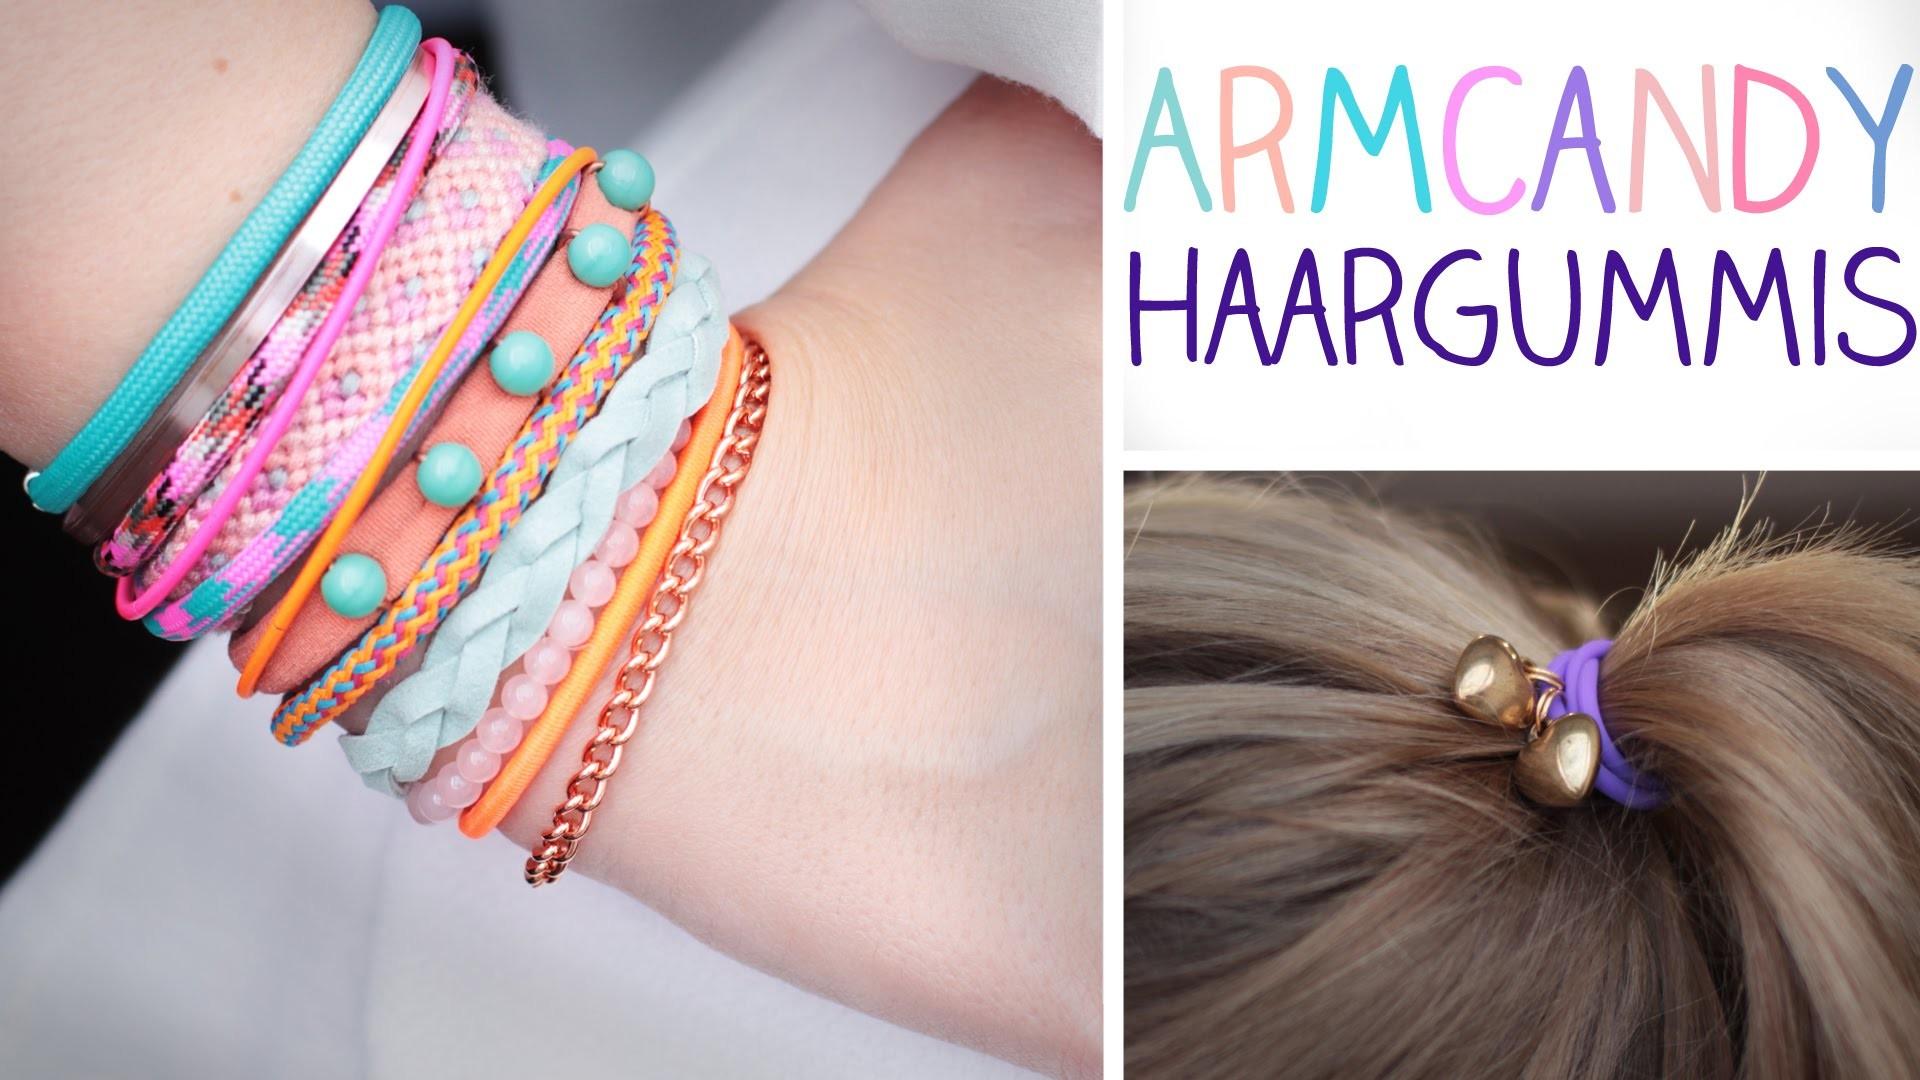 DIY Armcandy Haargummis - Haarbänder, die zu allem passen!